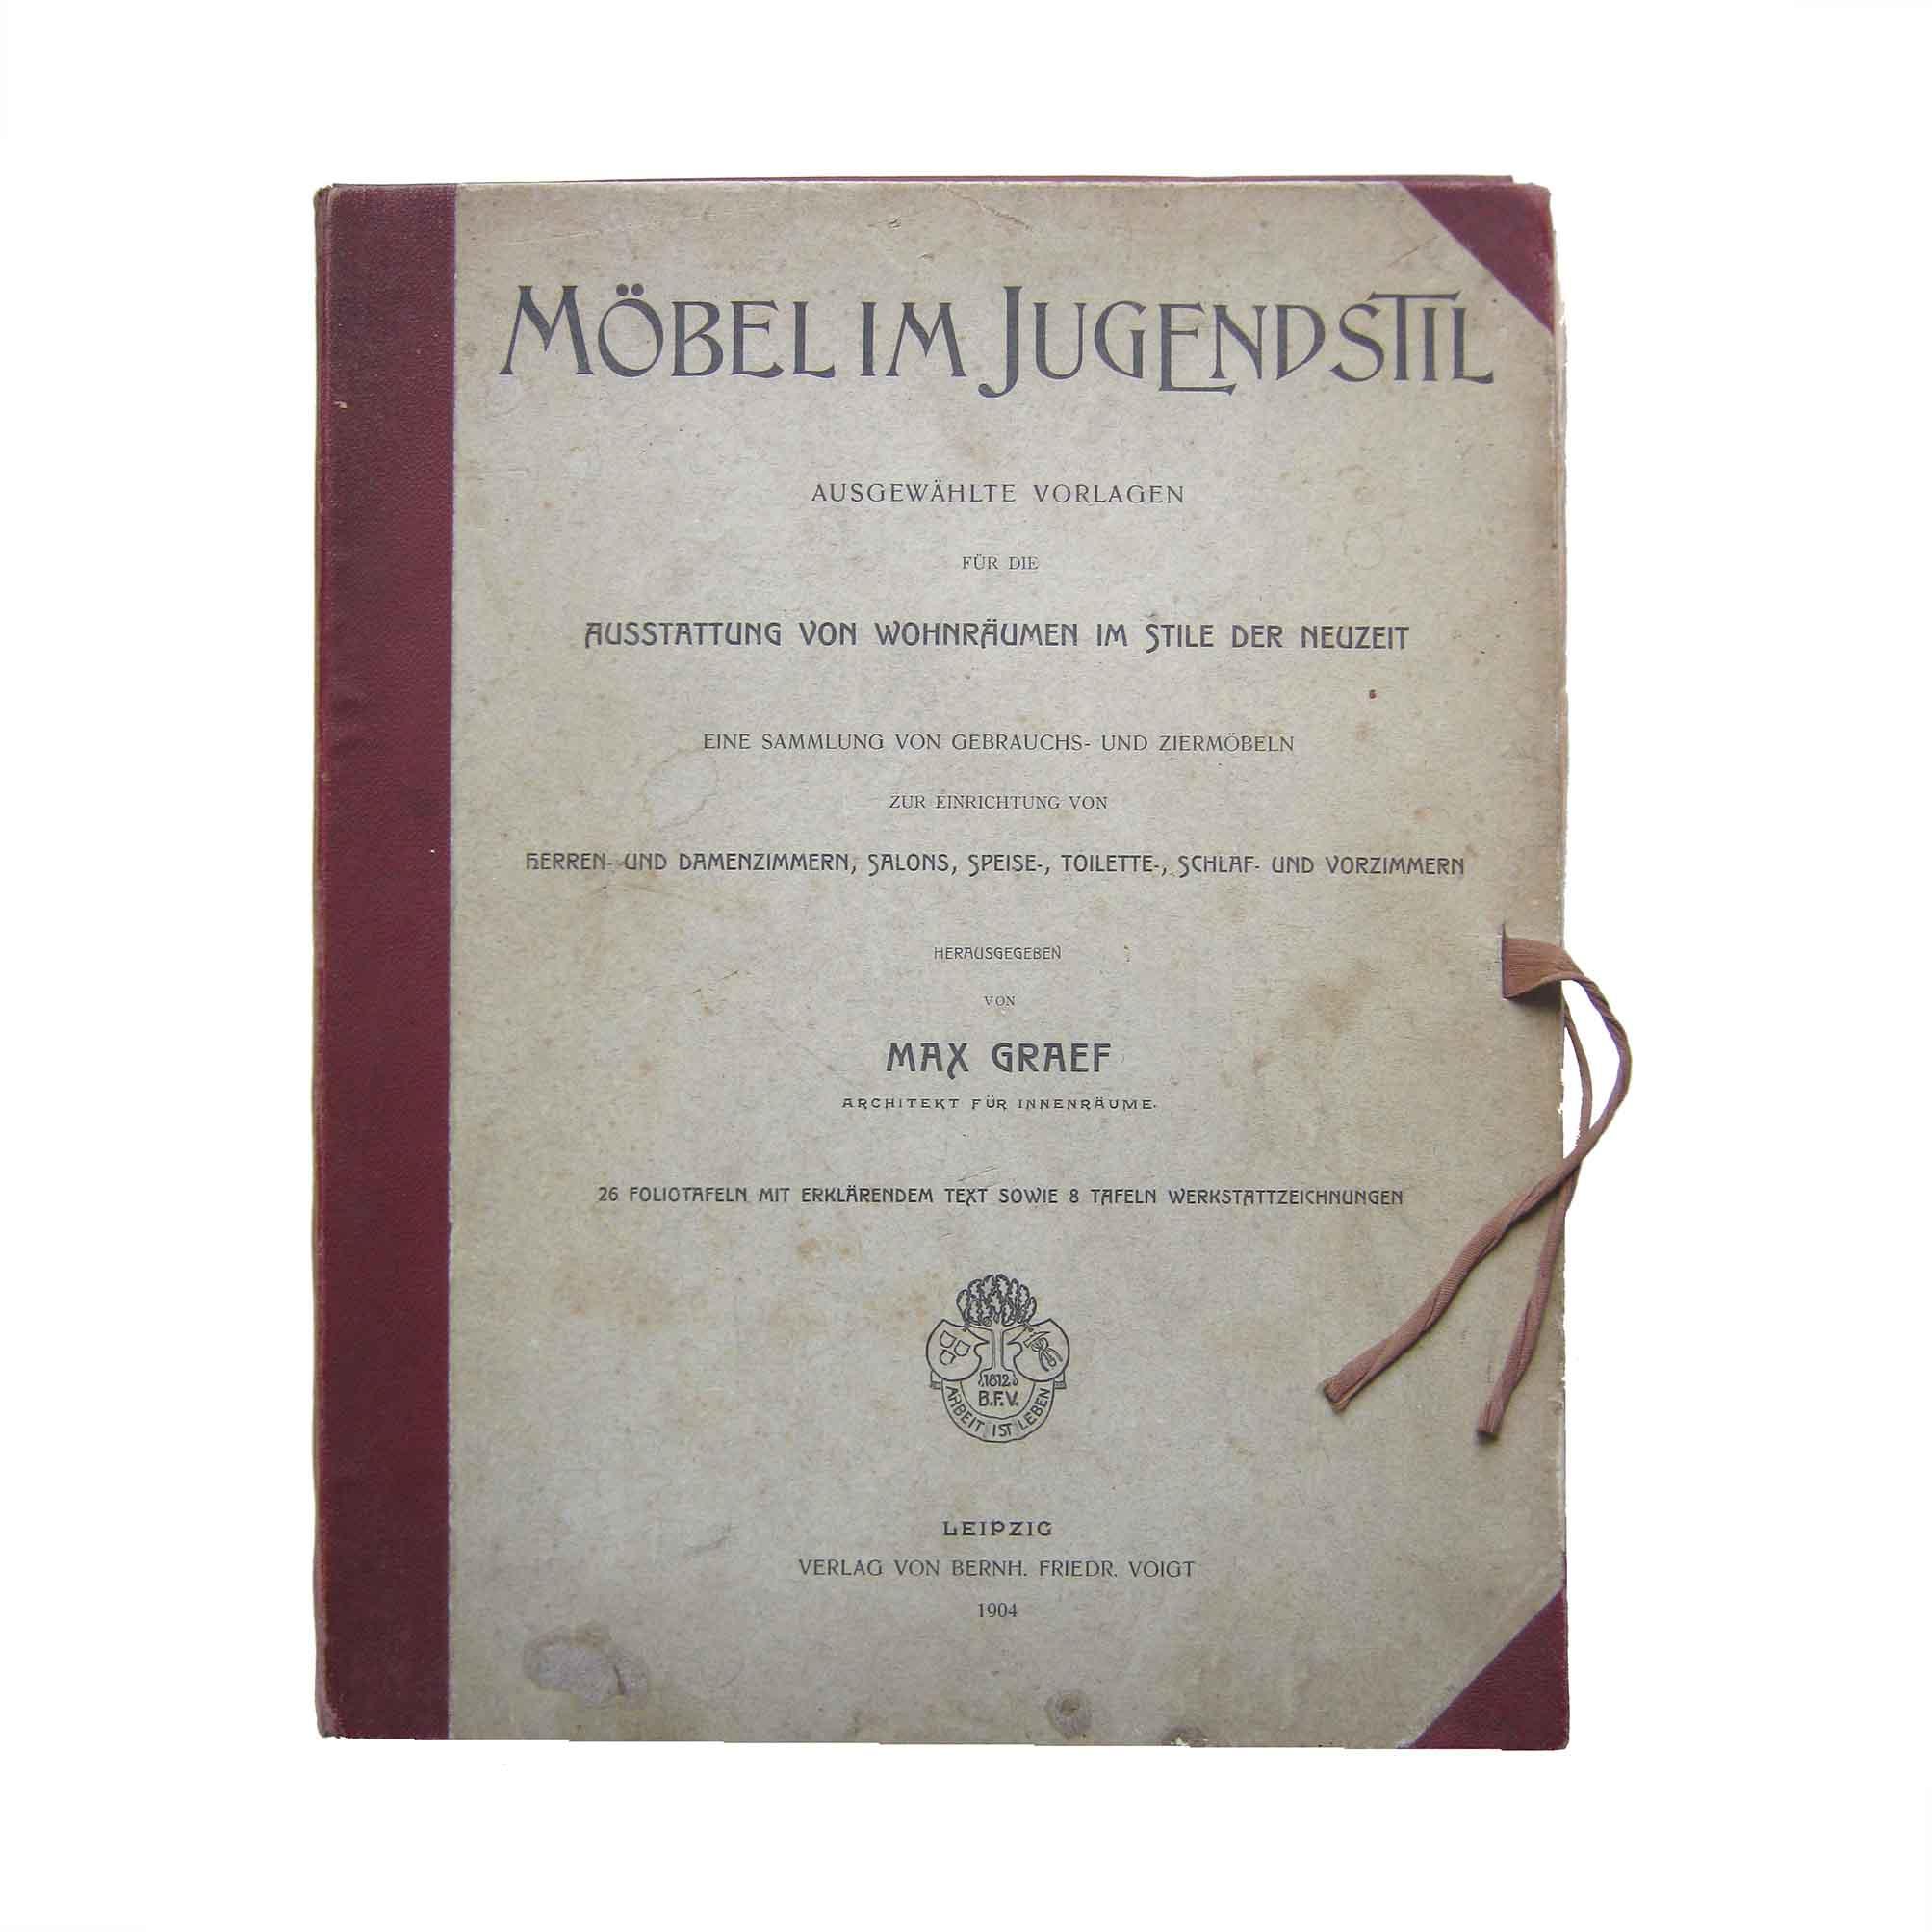 5532-Graef-Möbel-Jugendstil-1904-Map-free-N.jpg